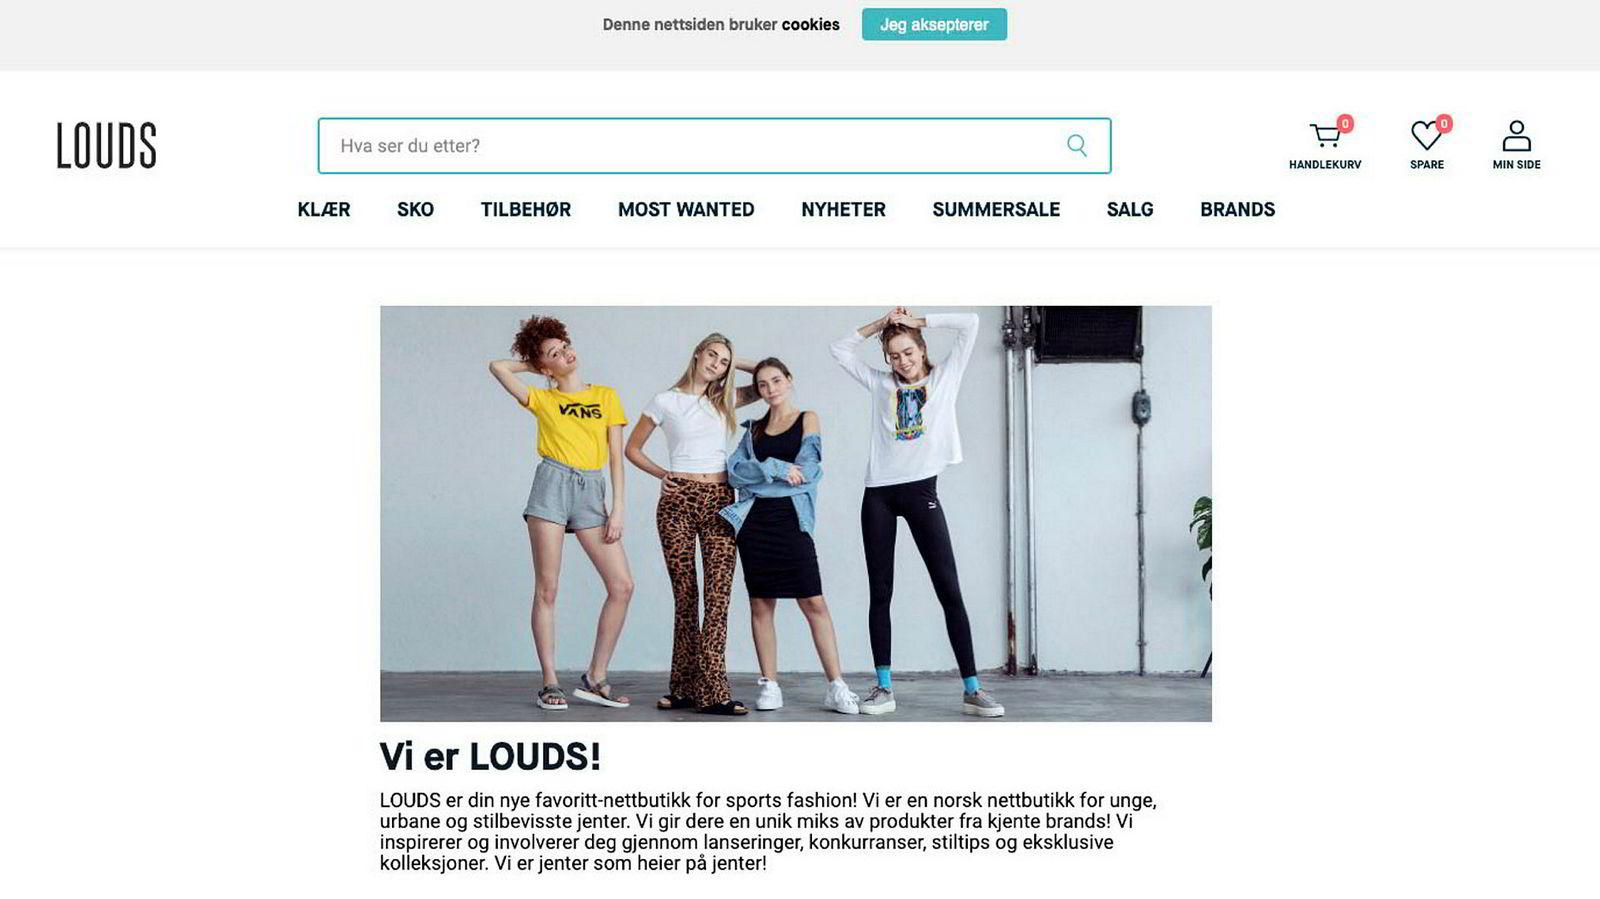 Etter kun ett år i drift velger XXL å legge ned nettbutikken Louds.no. Skjermdump av selskapets hjemmeside.